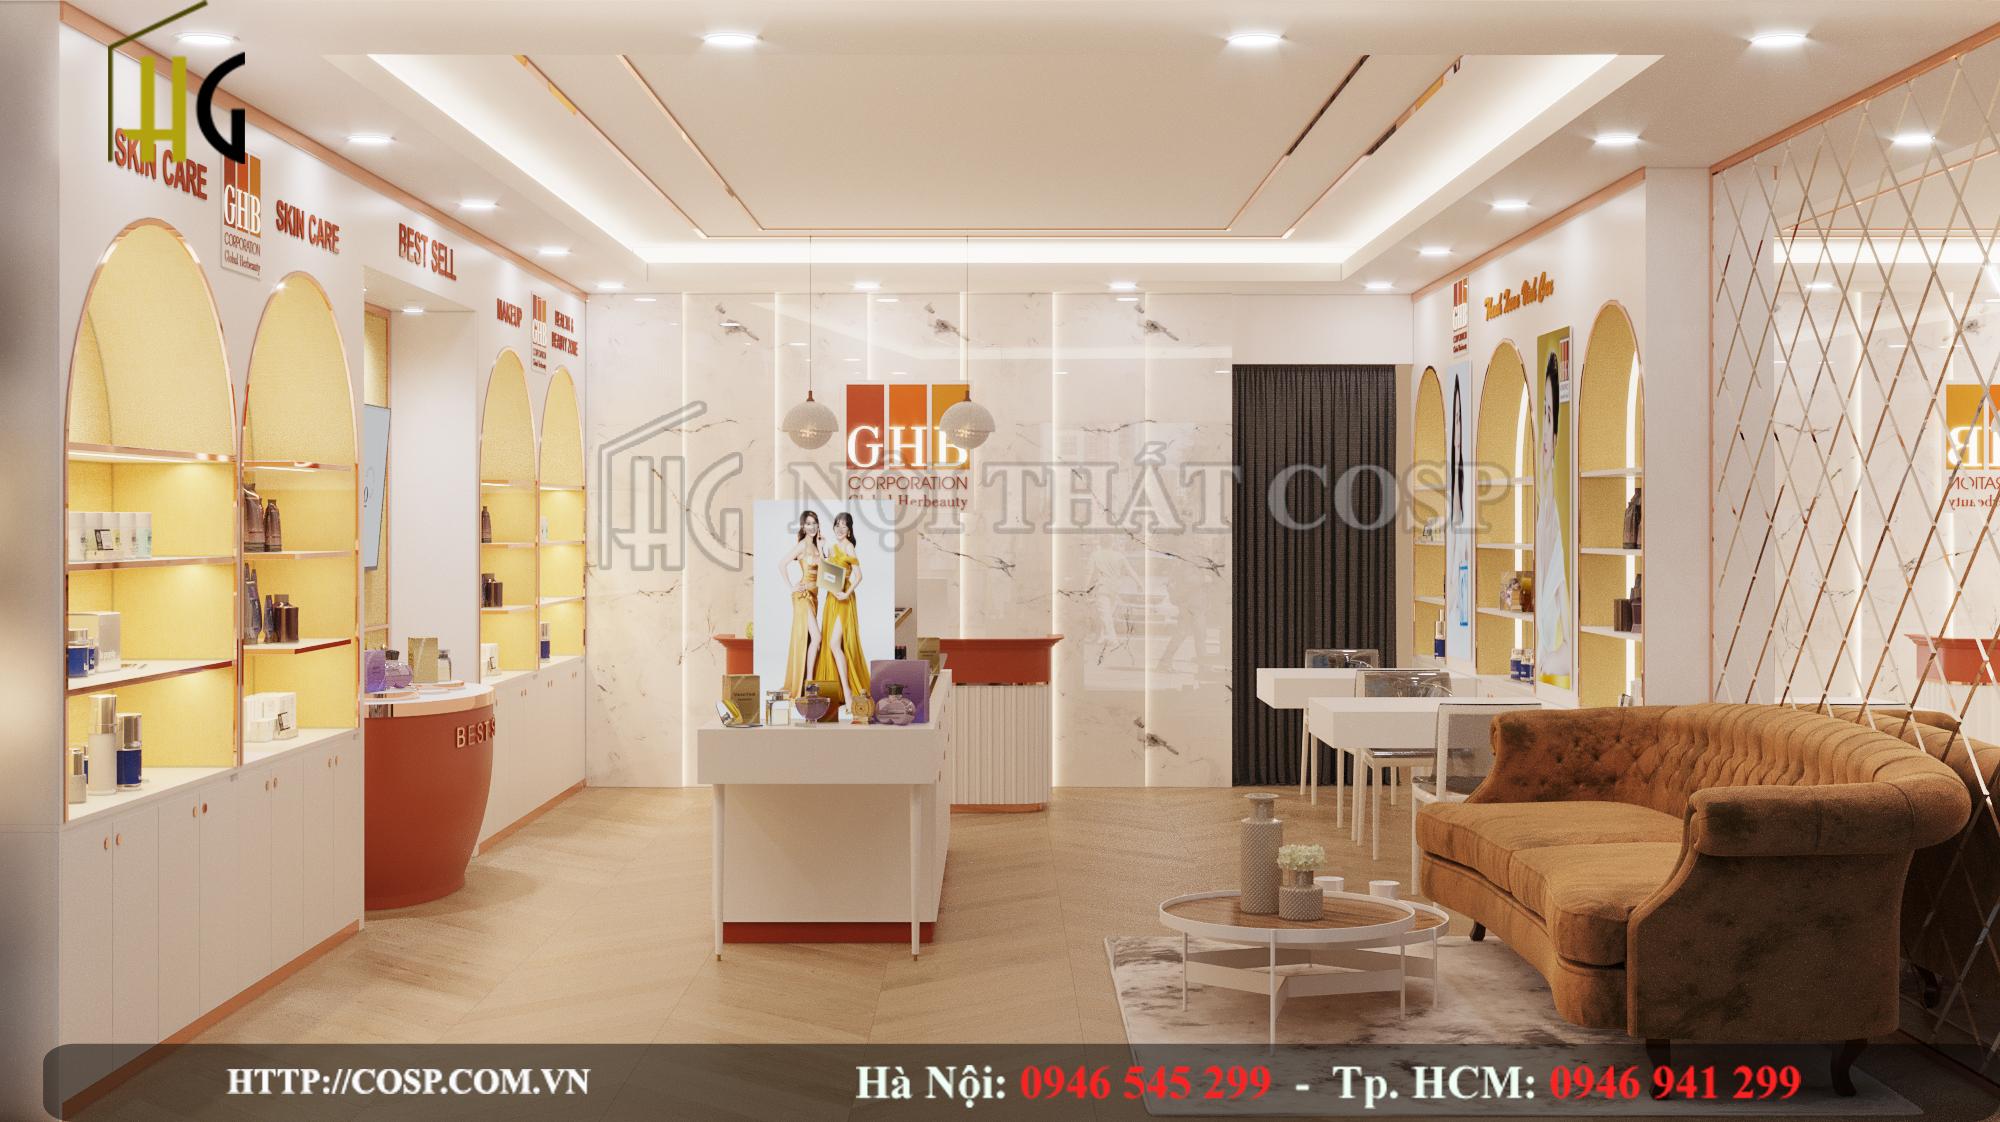 Thiết kế nội thất cửa hàng mỹ phẩm chức năng Văn Quán